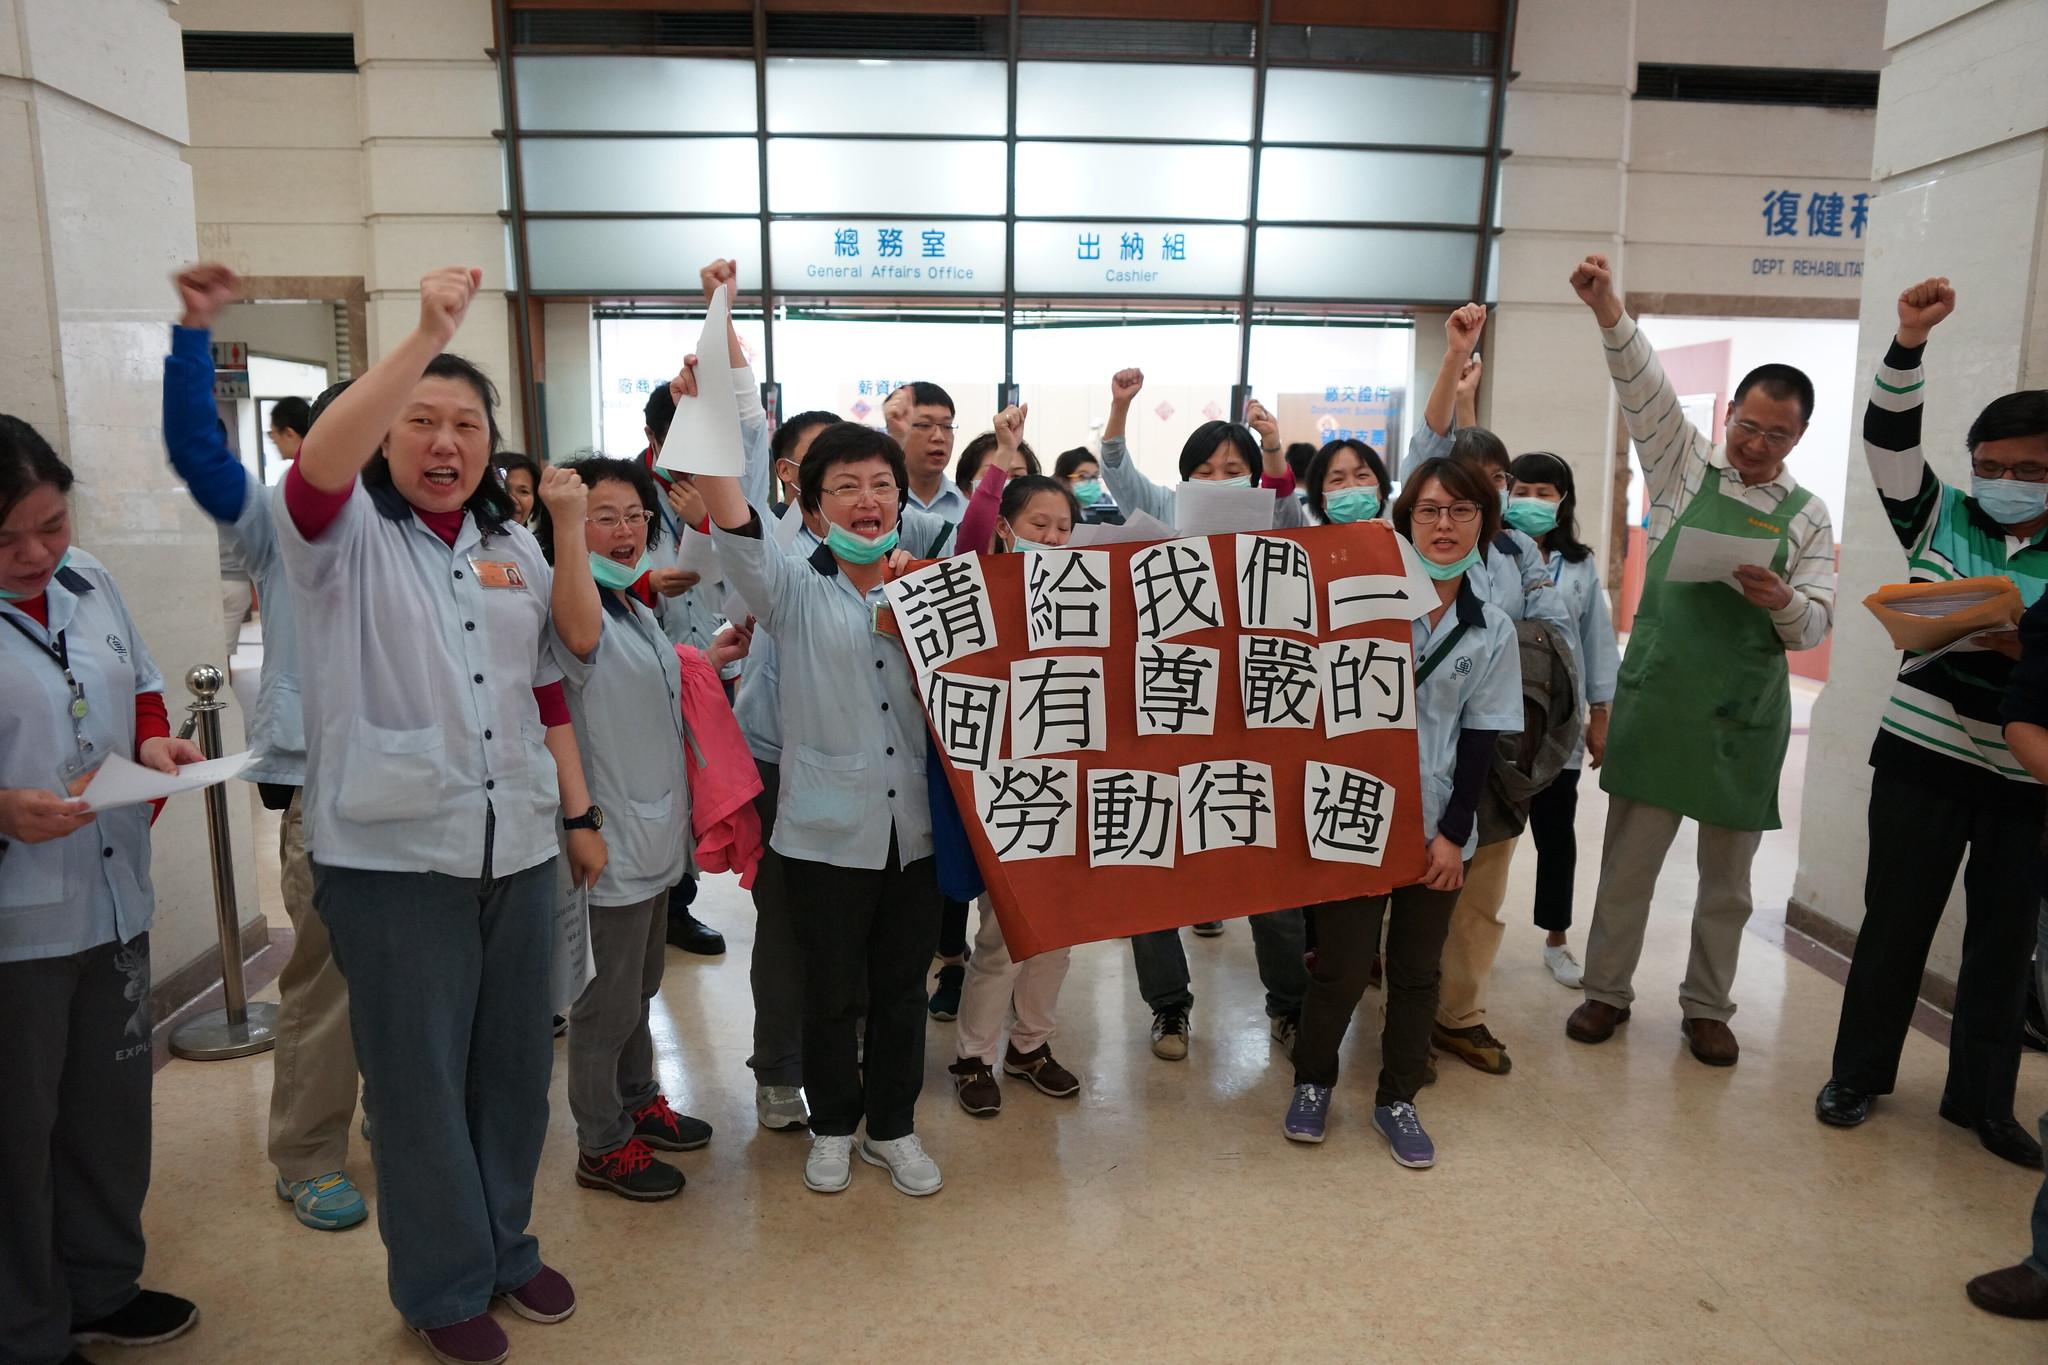 台灣勞動派遣產業工會去年12月19日至台中榮總抗議換約後年資歸零。(資料照片;攝影:王顥中)